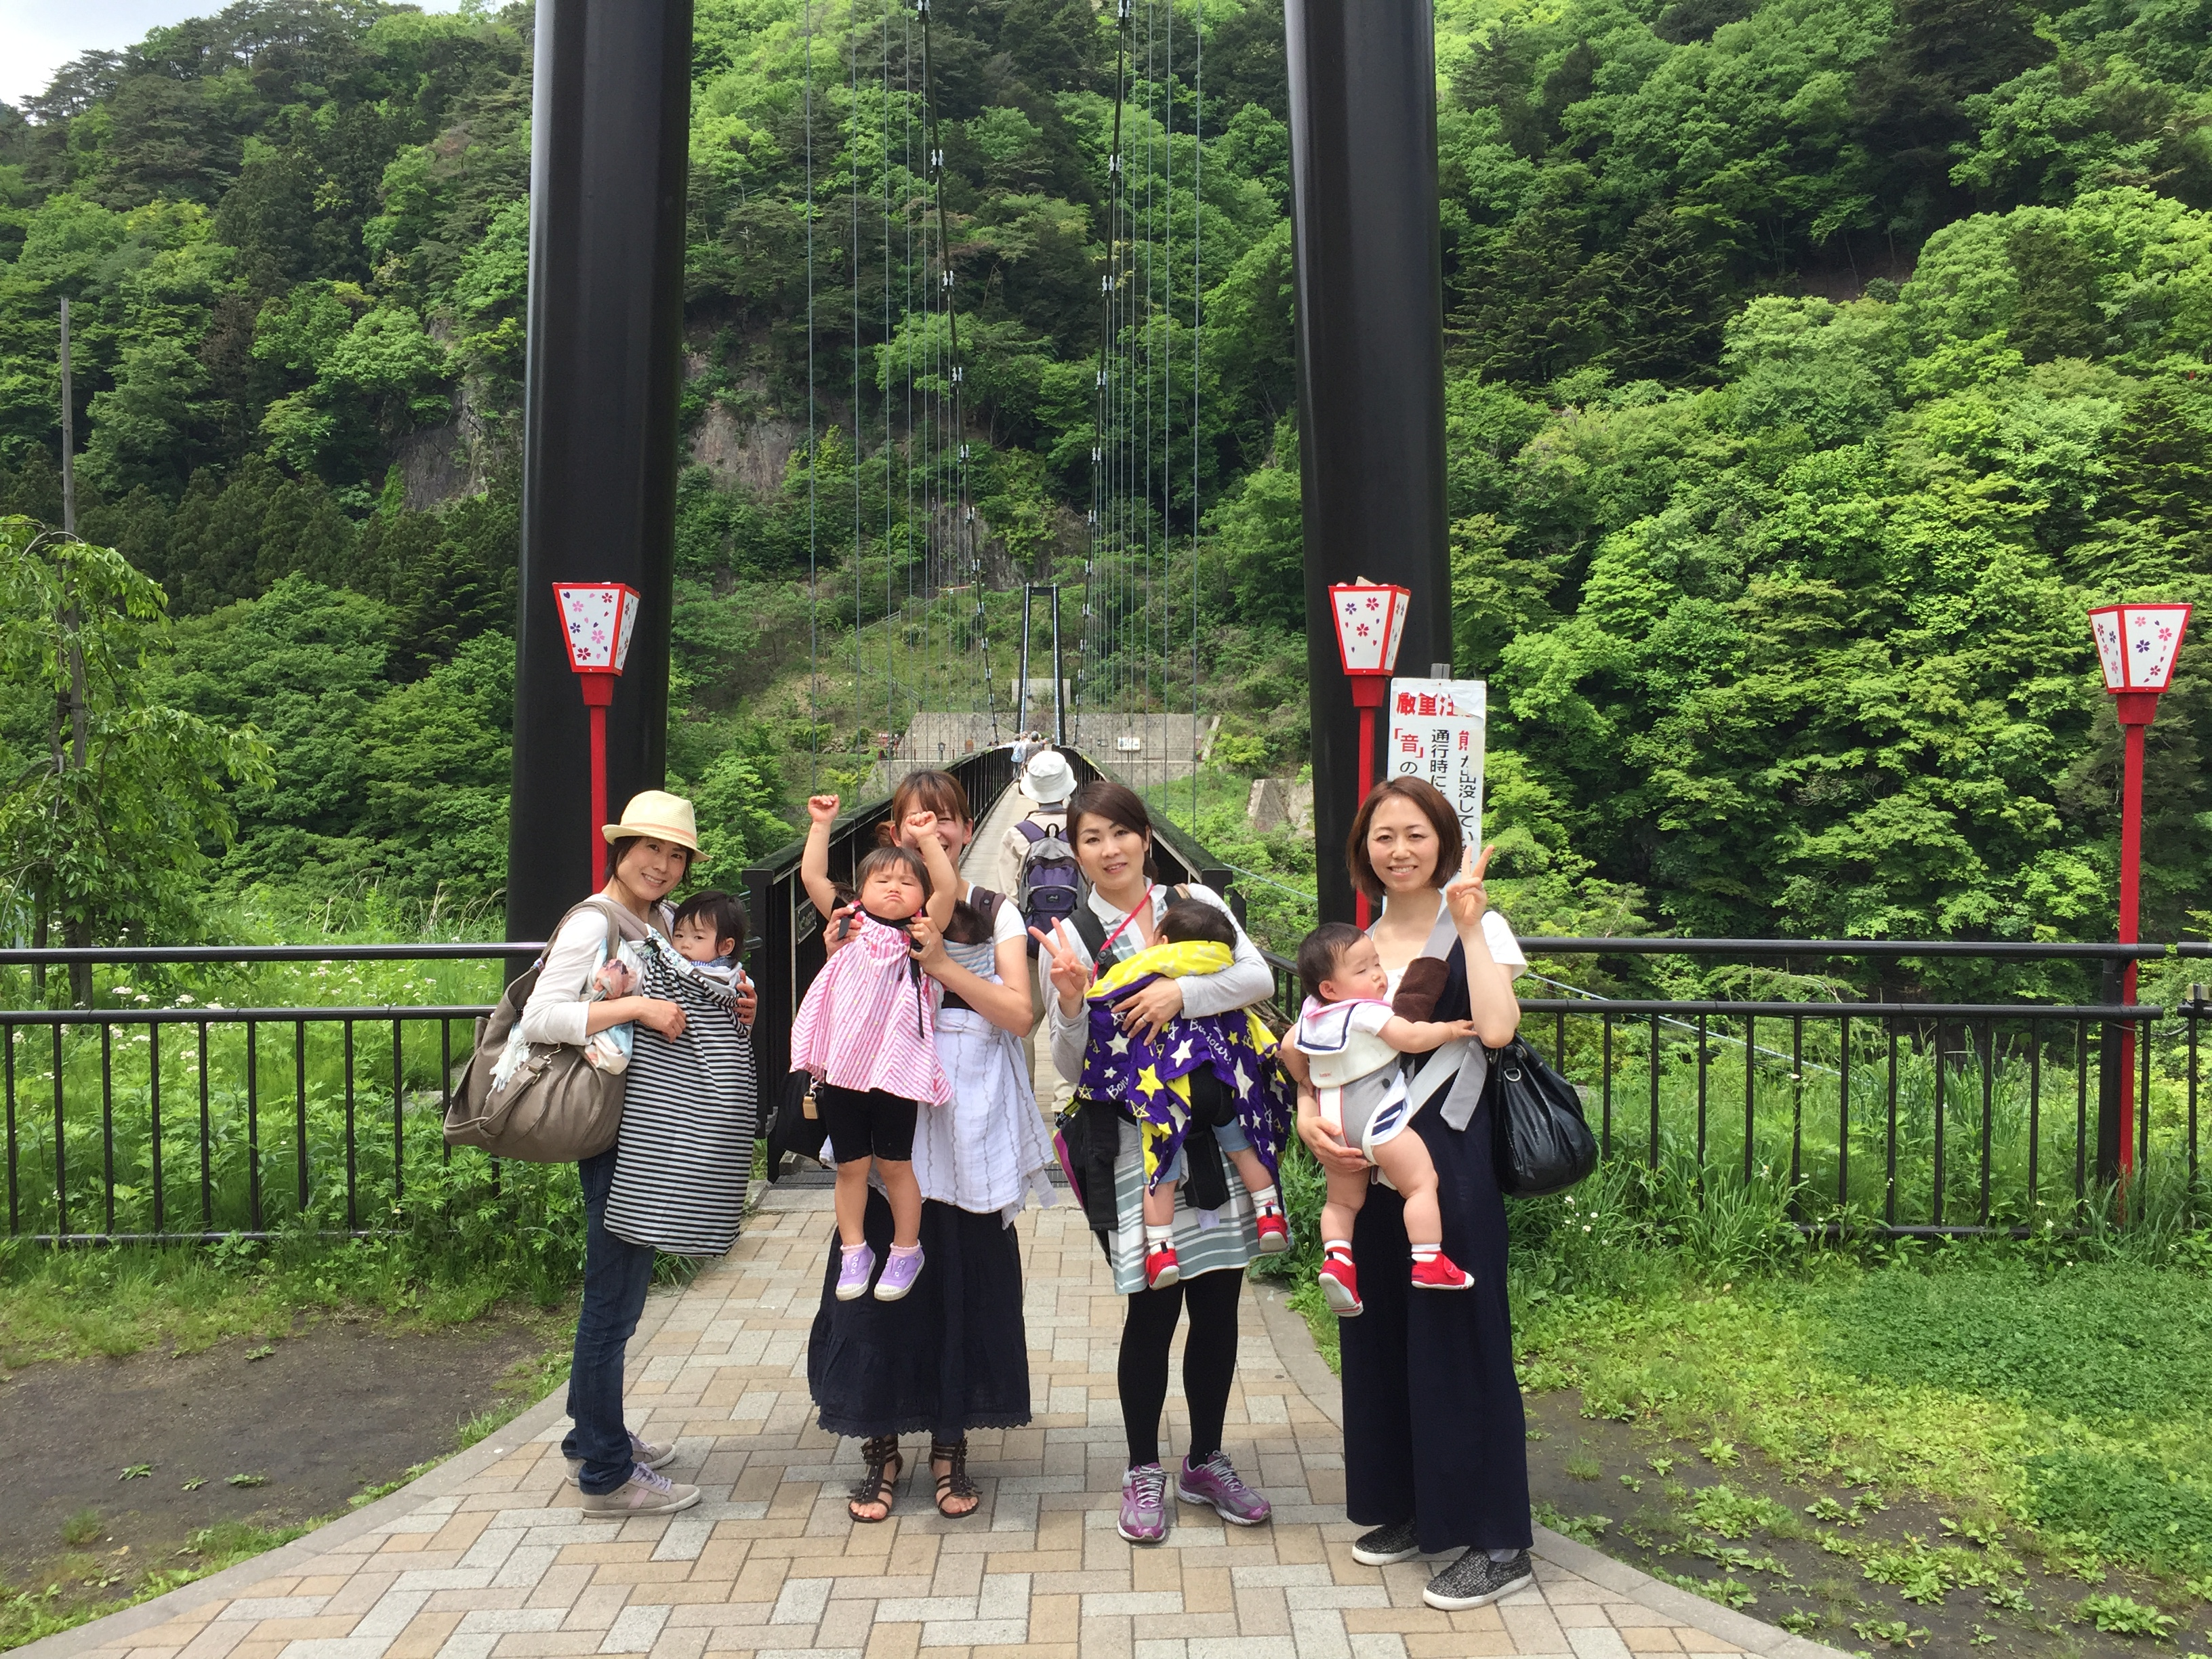 子育て中のママたちの笑顔を増やしたい!楽しい子育てを応援します(*^^*)